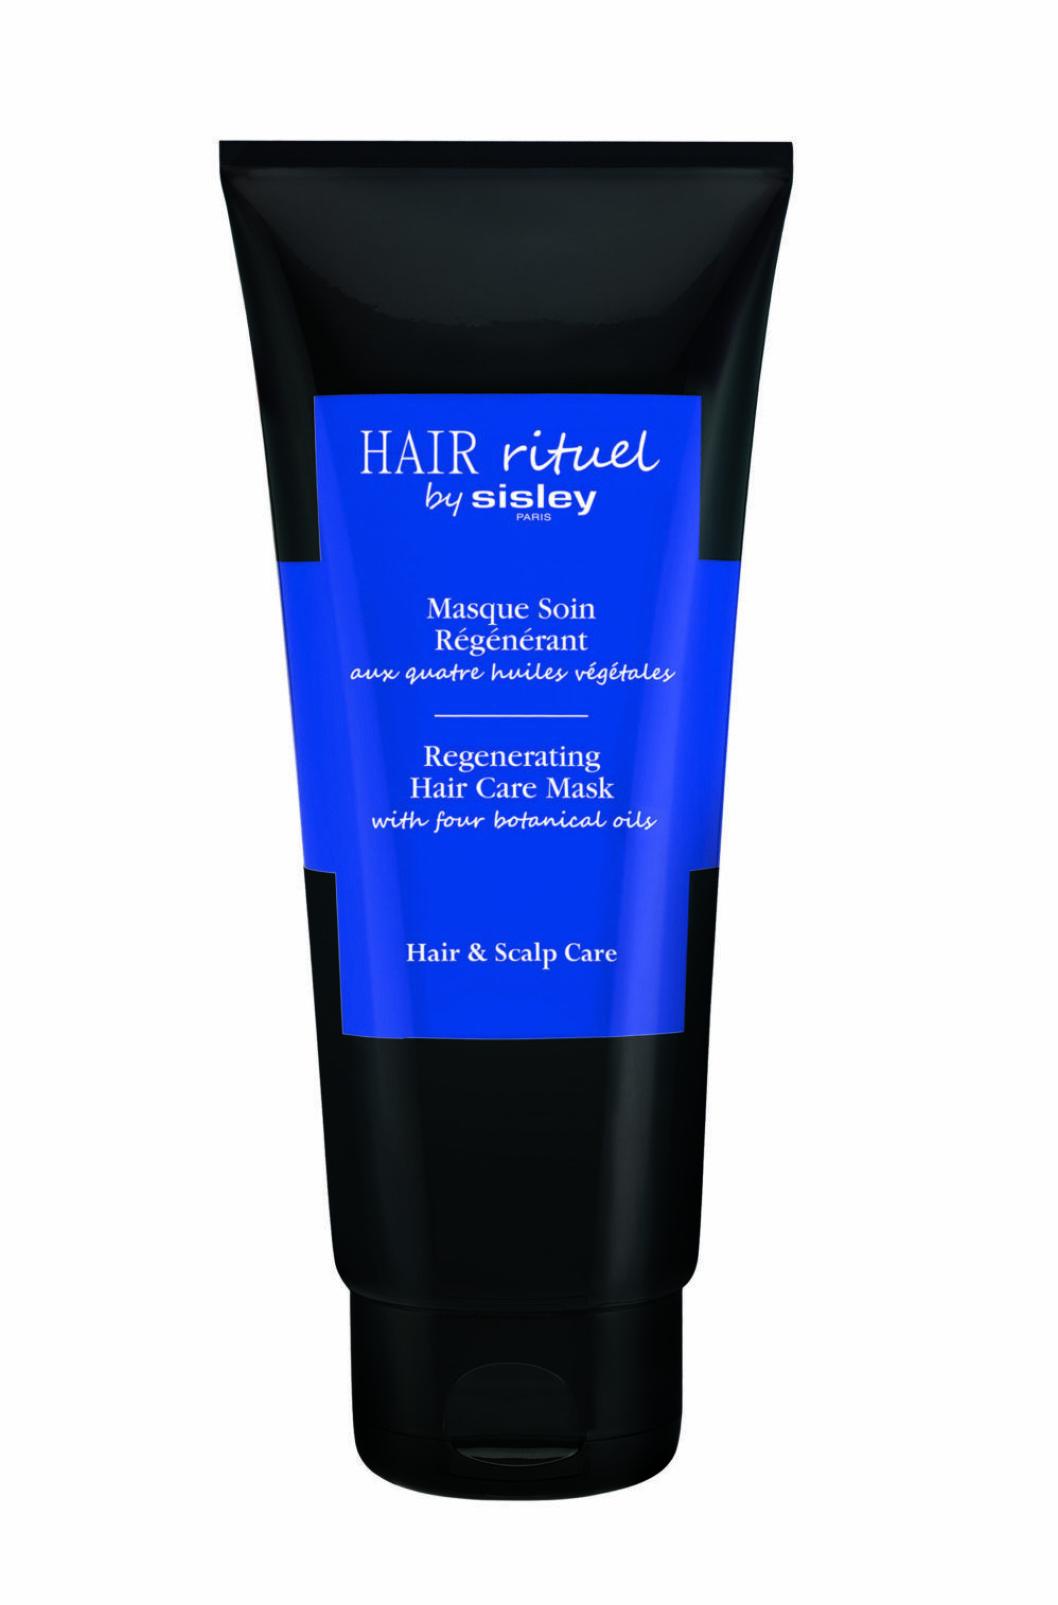 Vinnande hårprodukt från Sisley i ELLE beauty awards.